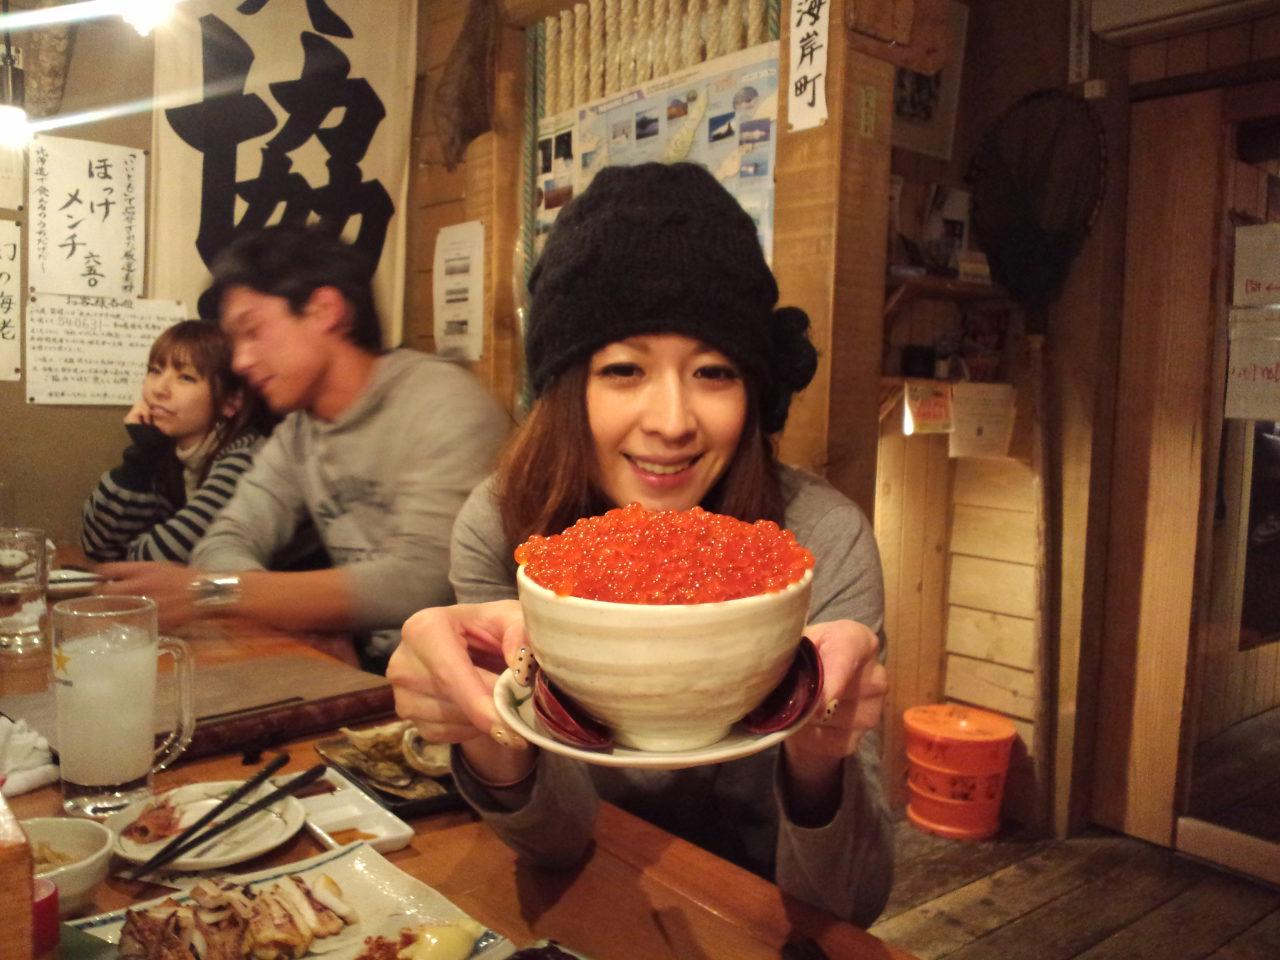 札幌2日目の夜 ☆ はちきょう_c0151965_21445845.jpg